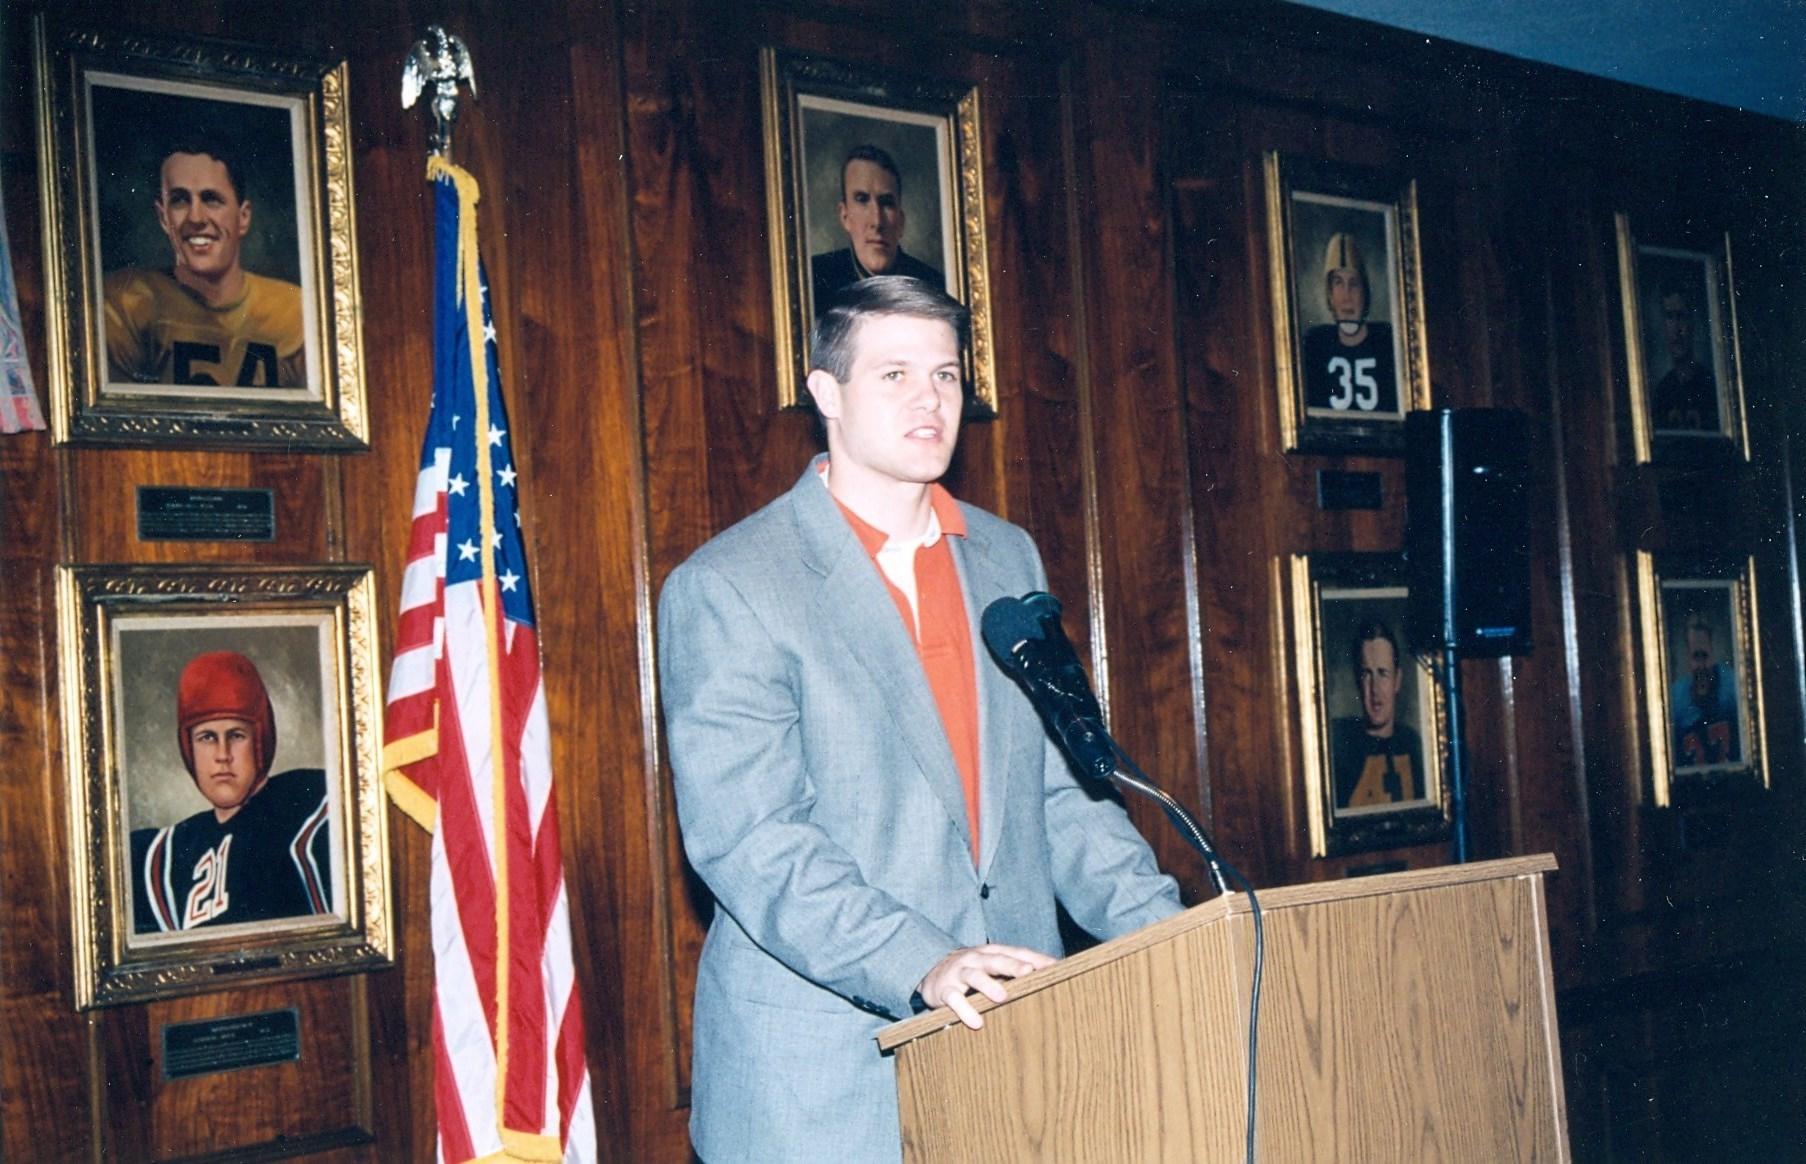 Danny Wuerffel 1996 Heisman Trophy Winner